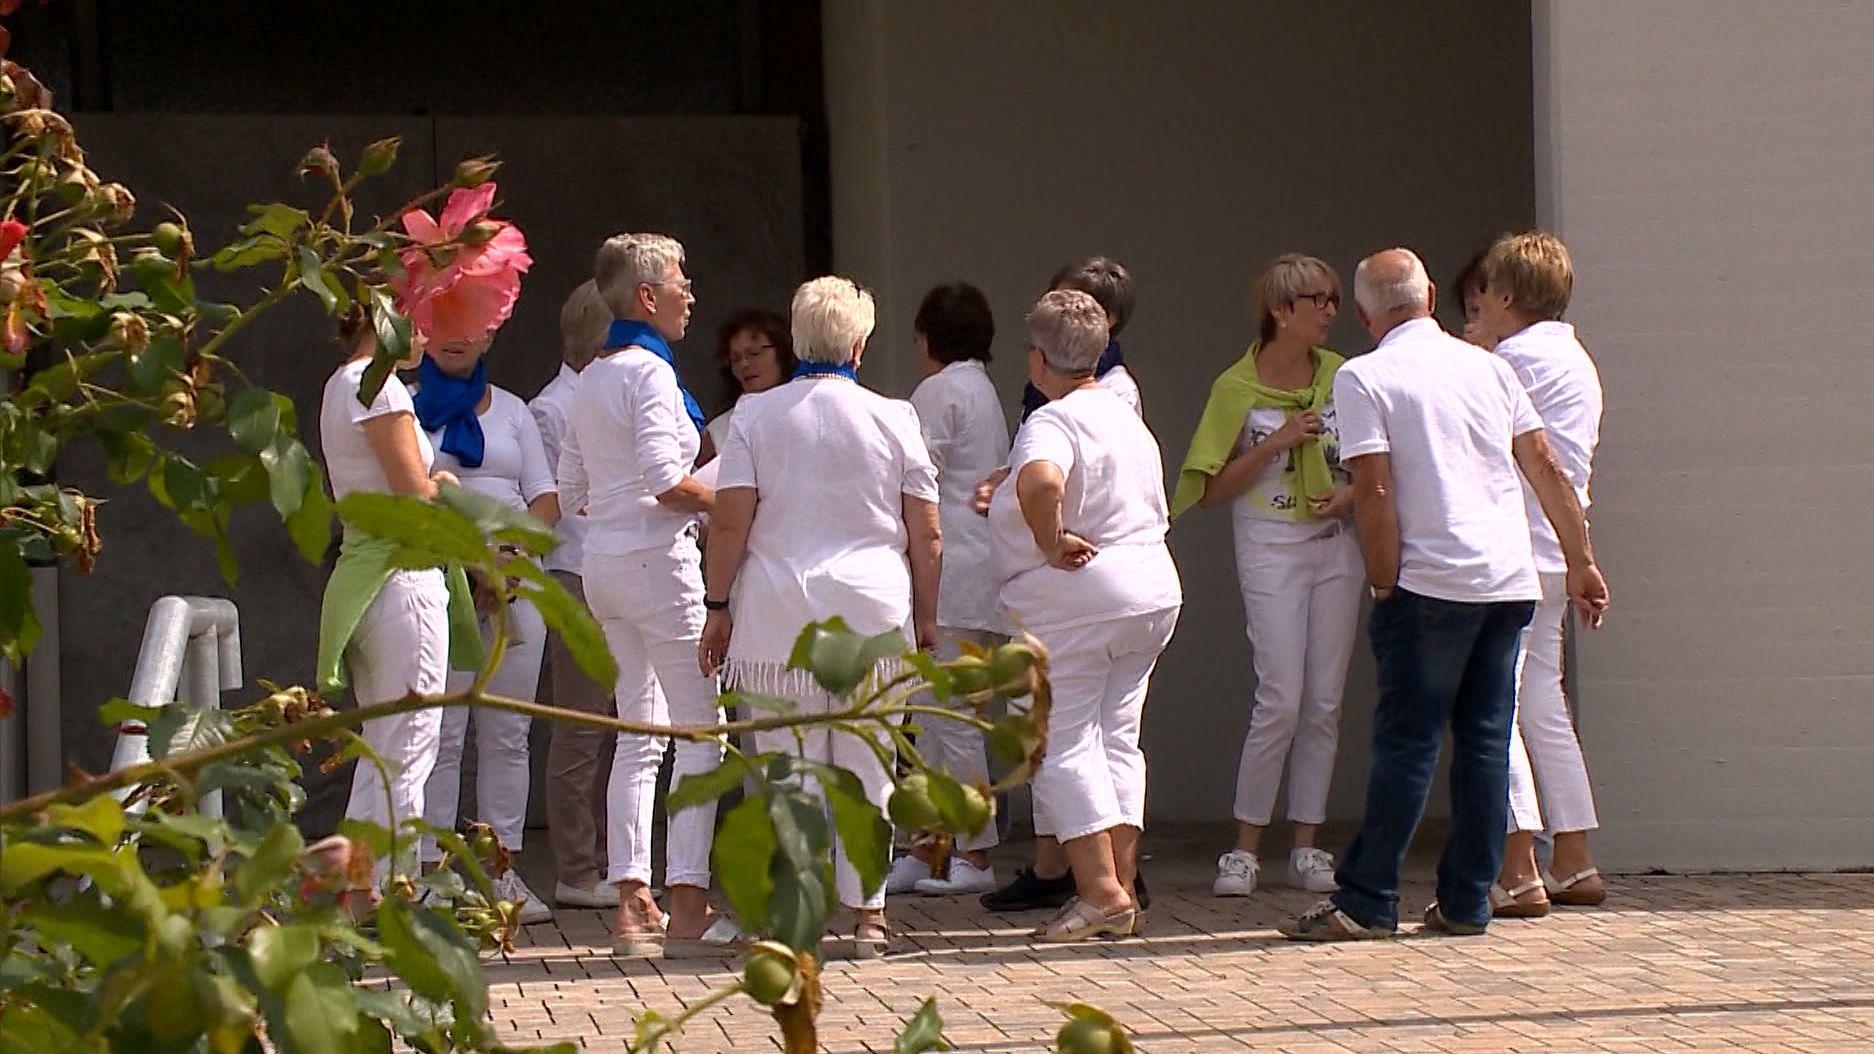 Frauen in weißer Kleidung